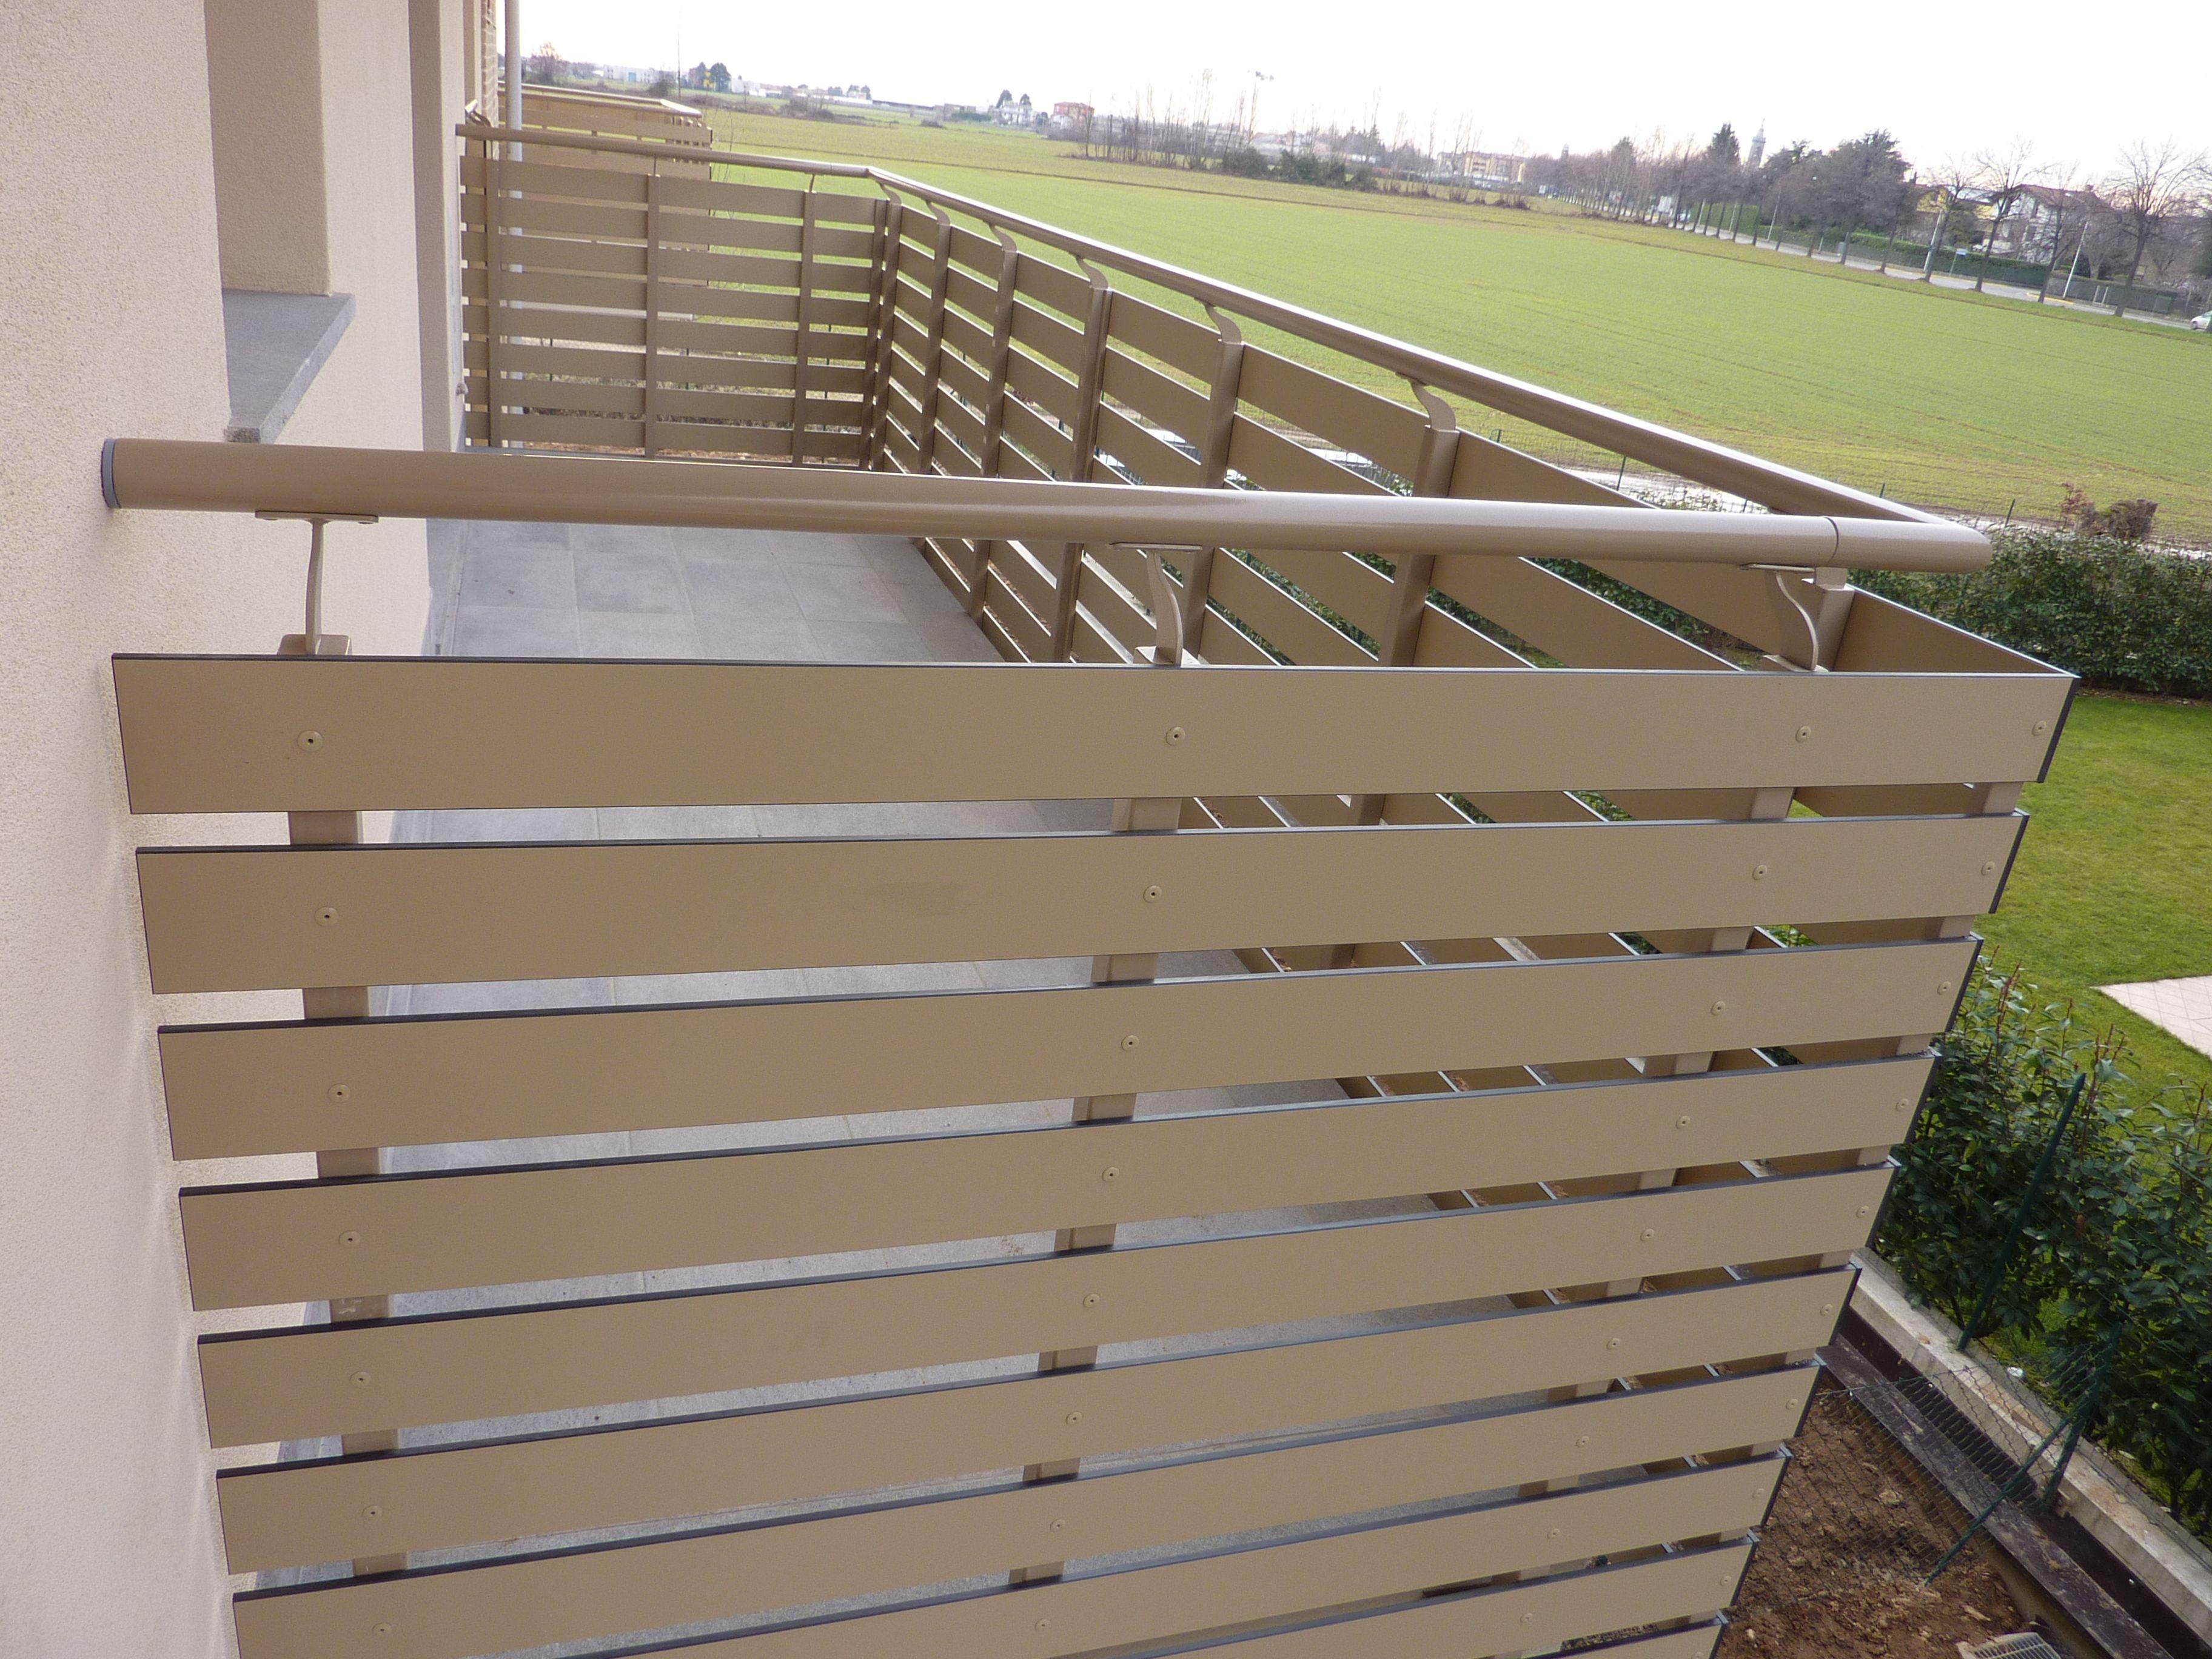 Nostra realizzazione balcone con pannelli hpl a doghe